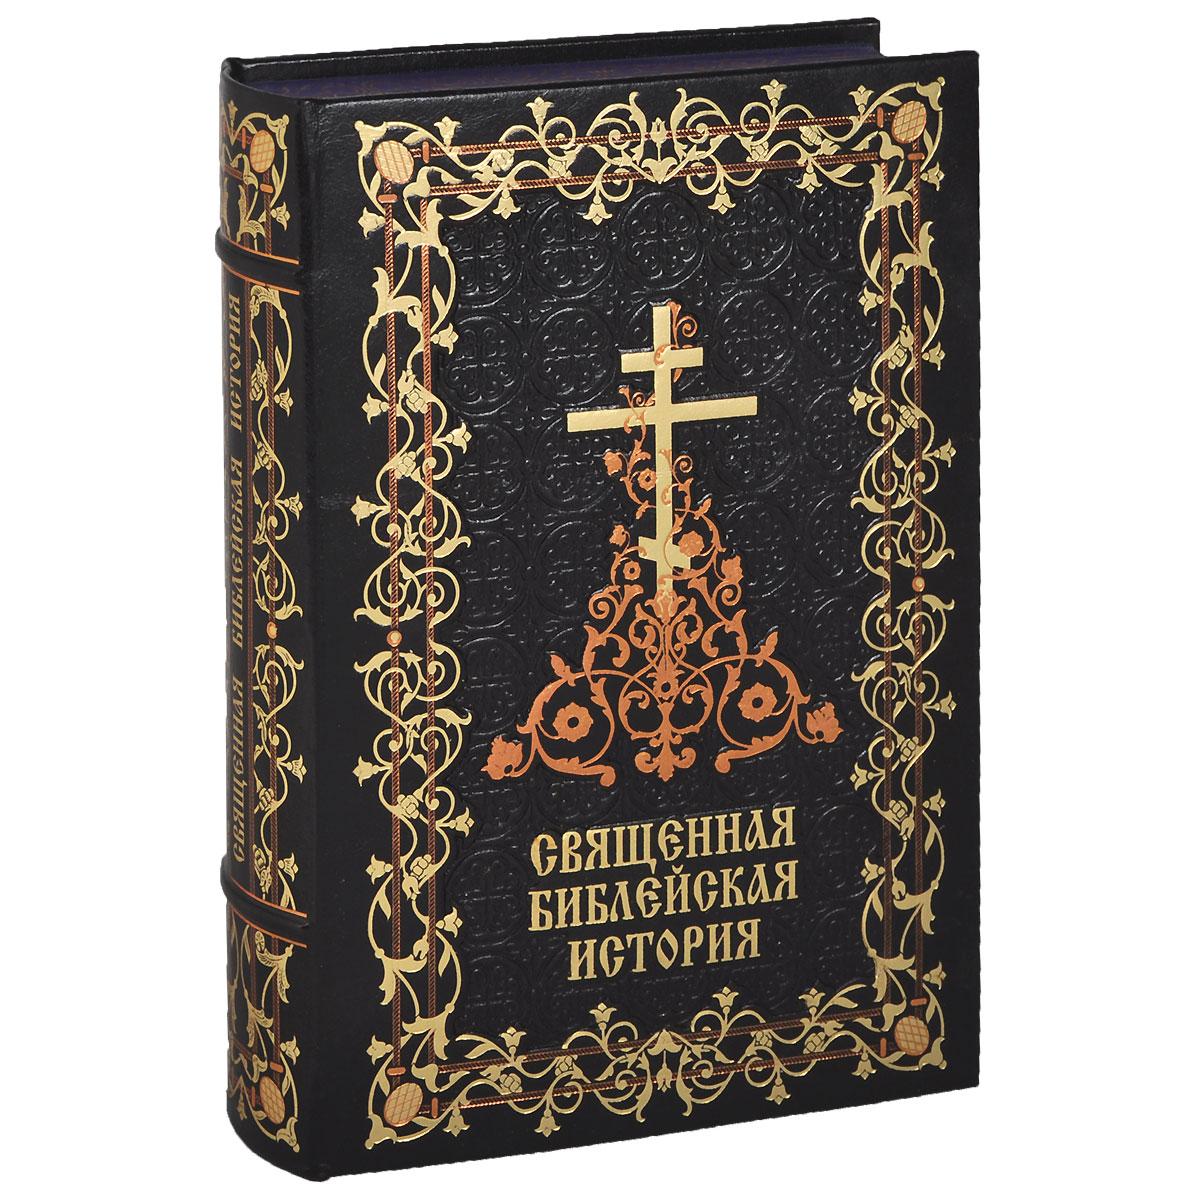 Архиепископ Вениамин (Пушкарь) Священная Библейская история (эксклюзивное подарочное издание) алексей именная книга эксклюзивное подарочное издание